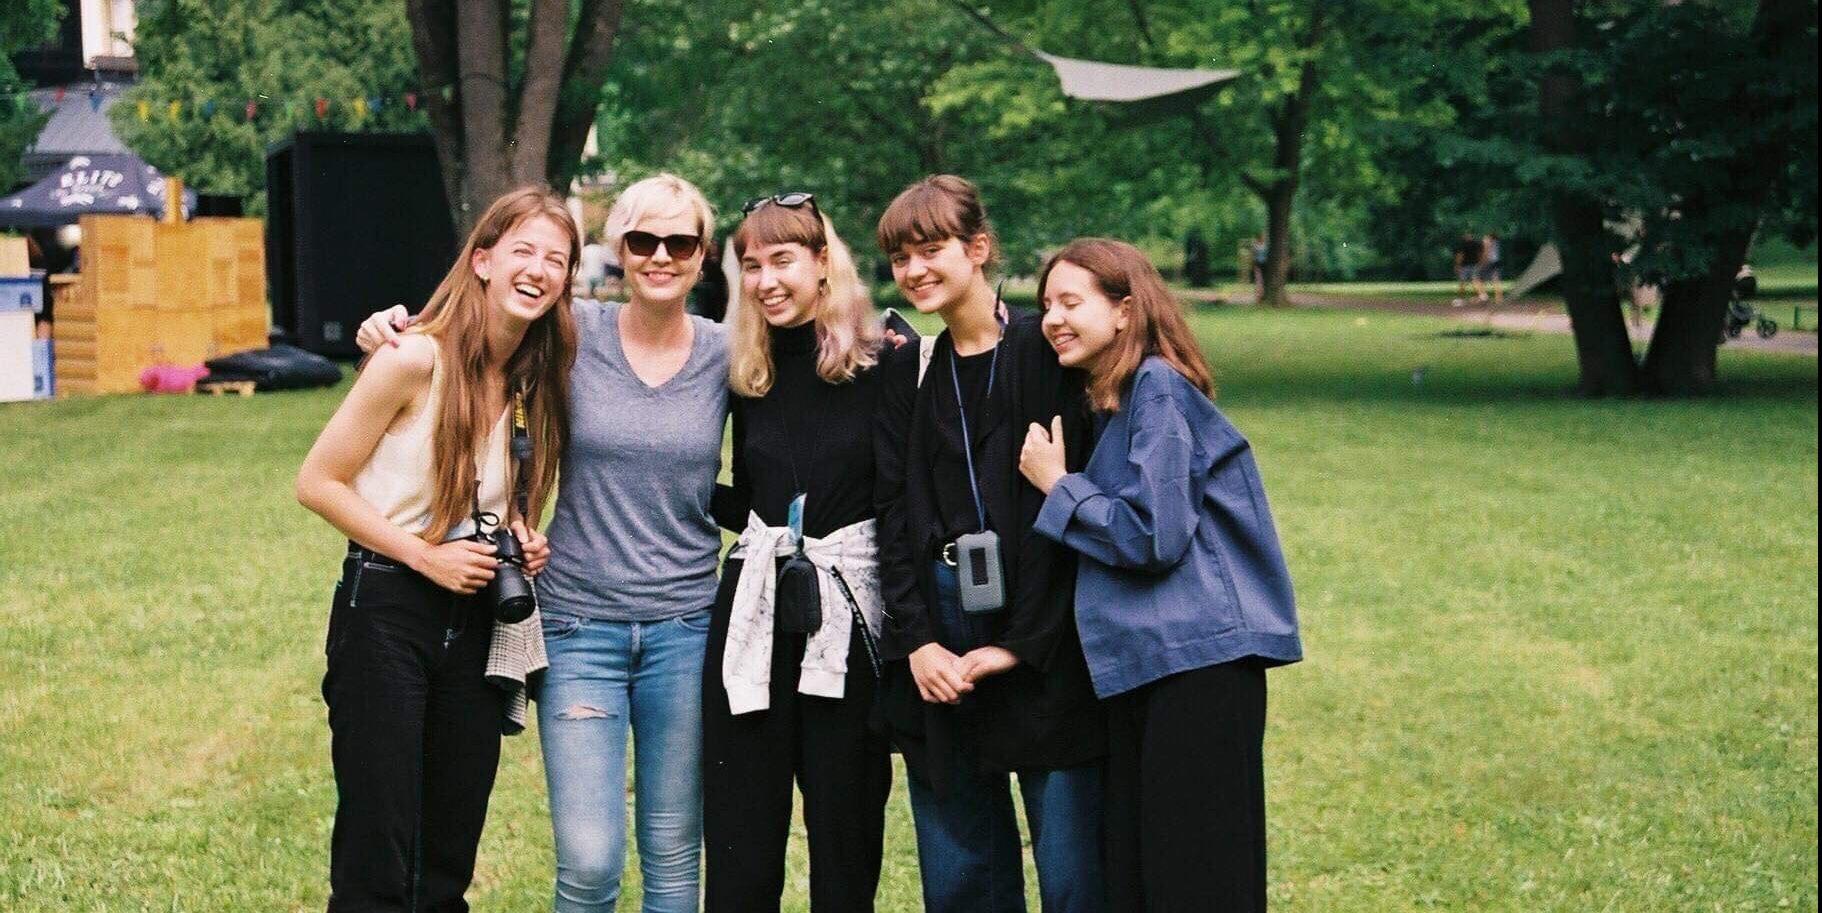 Laura Bilíková: HMOTA je časopis, ktorý spája